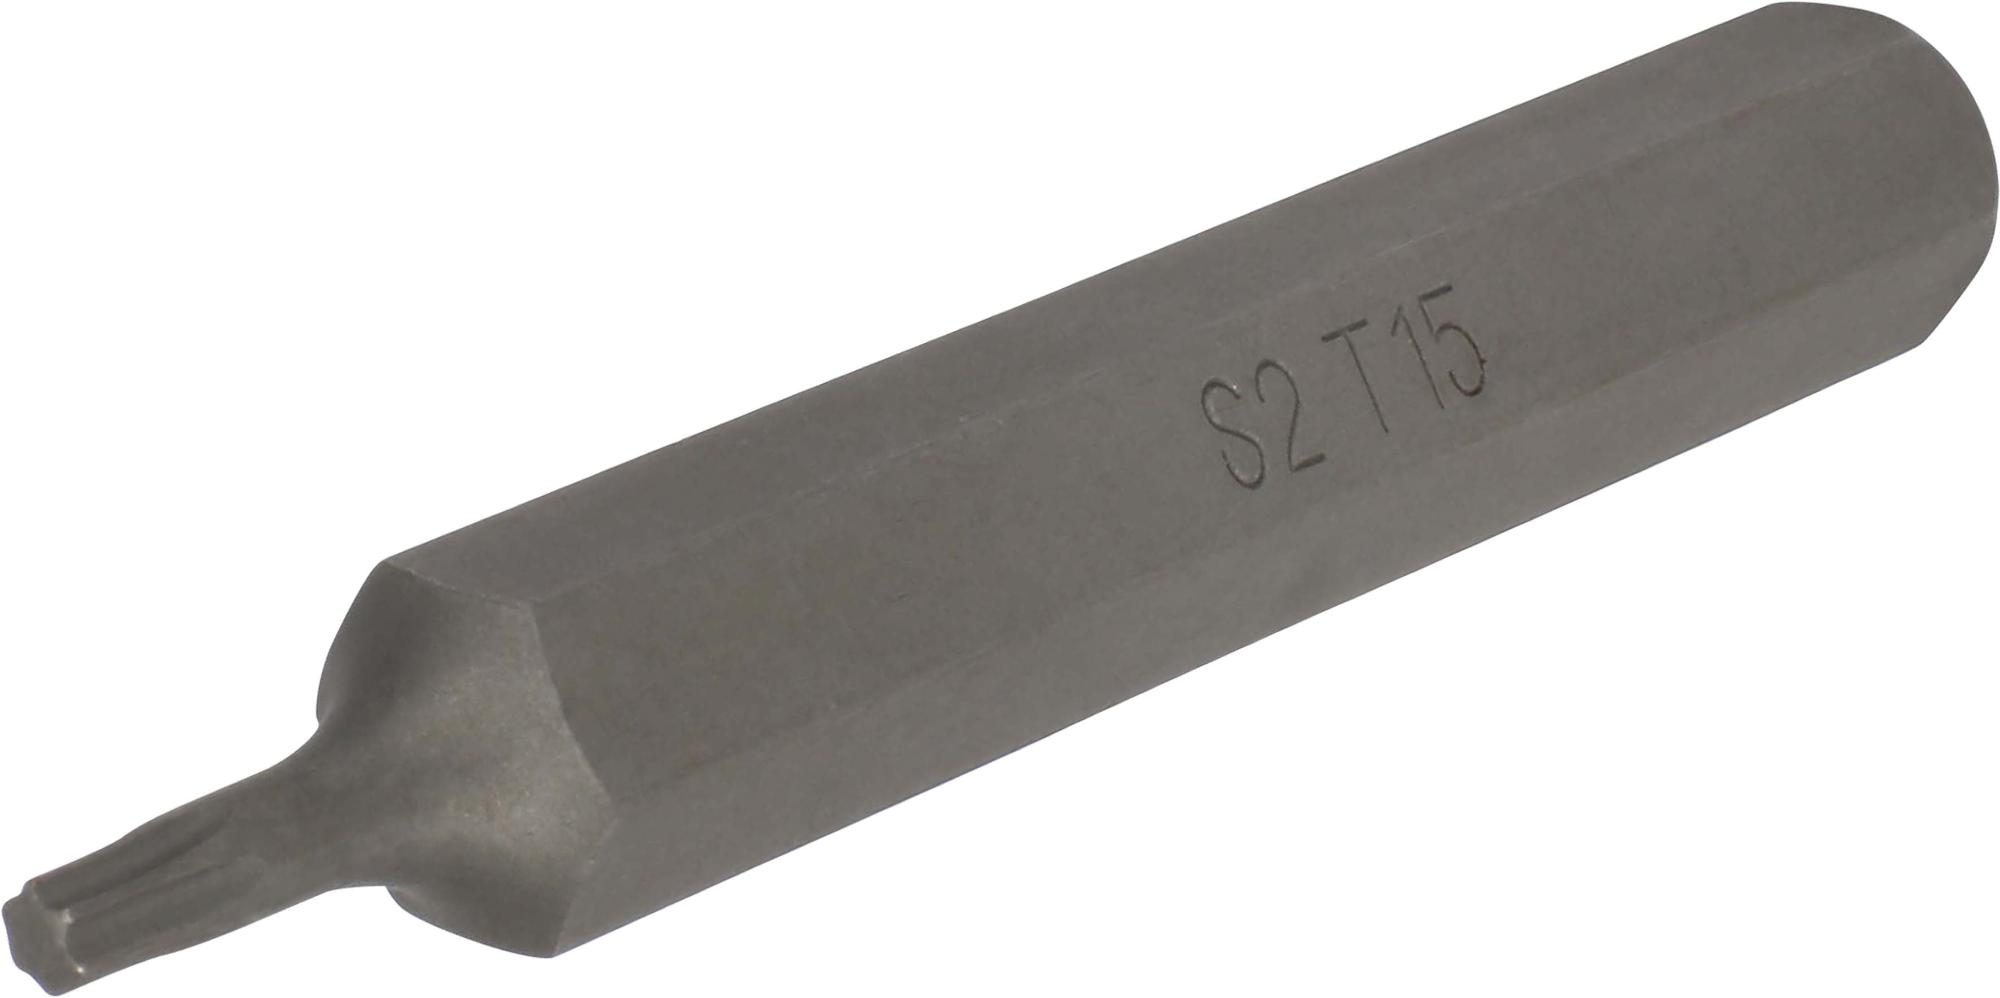 Bit, 10 mm 6-hran, TORX T15x75 mm